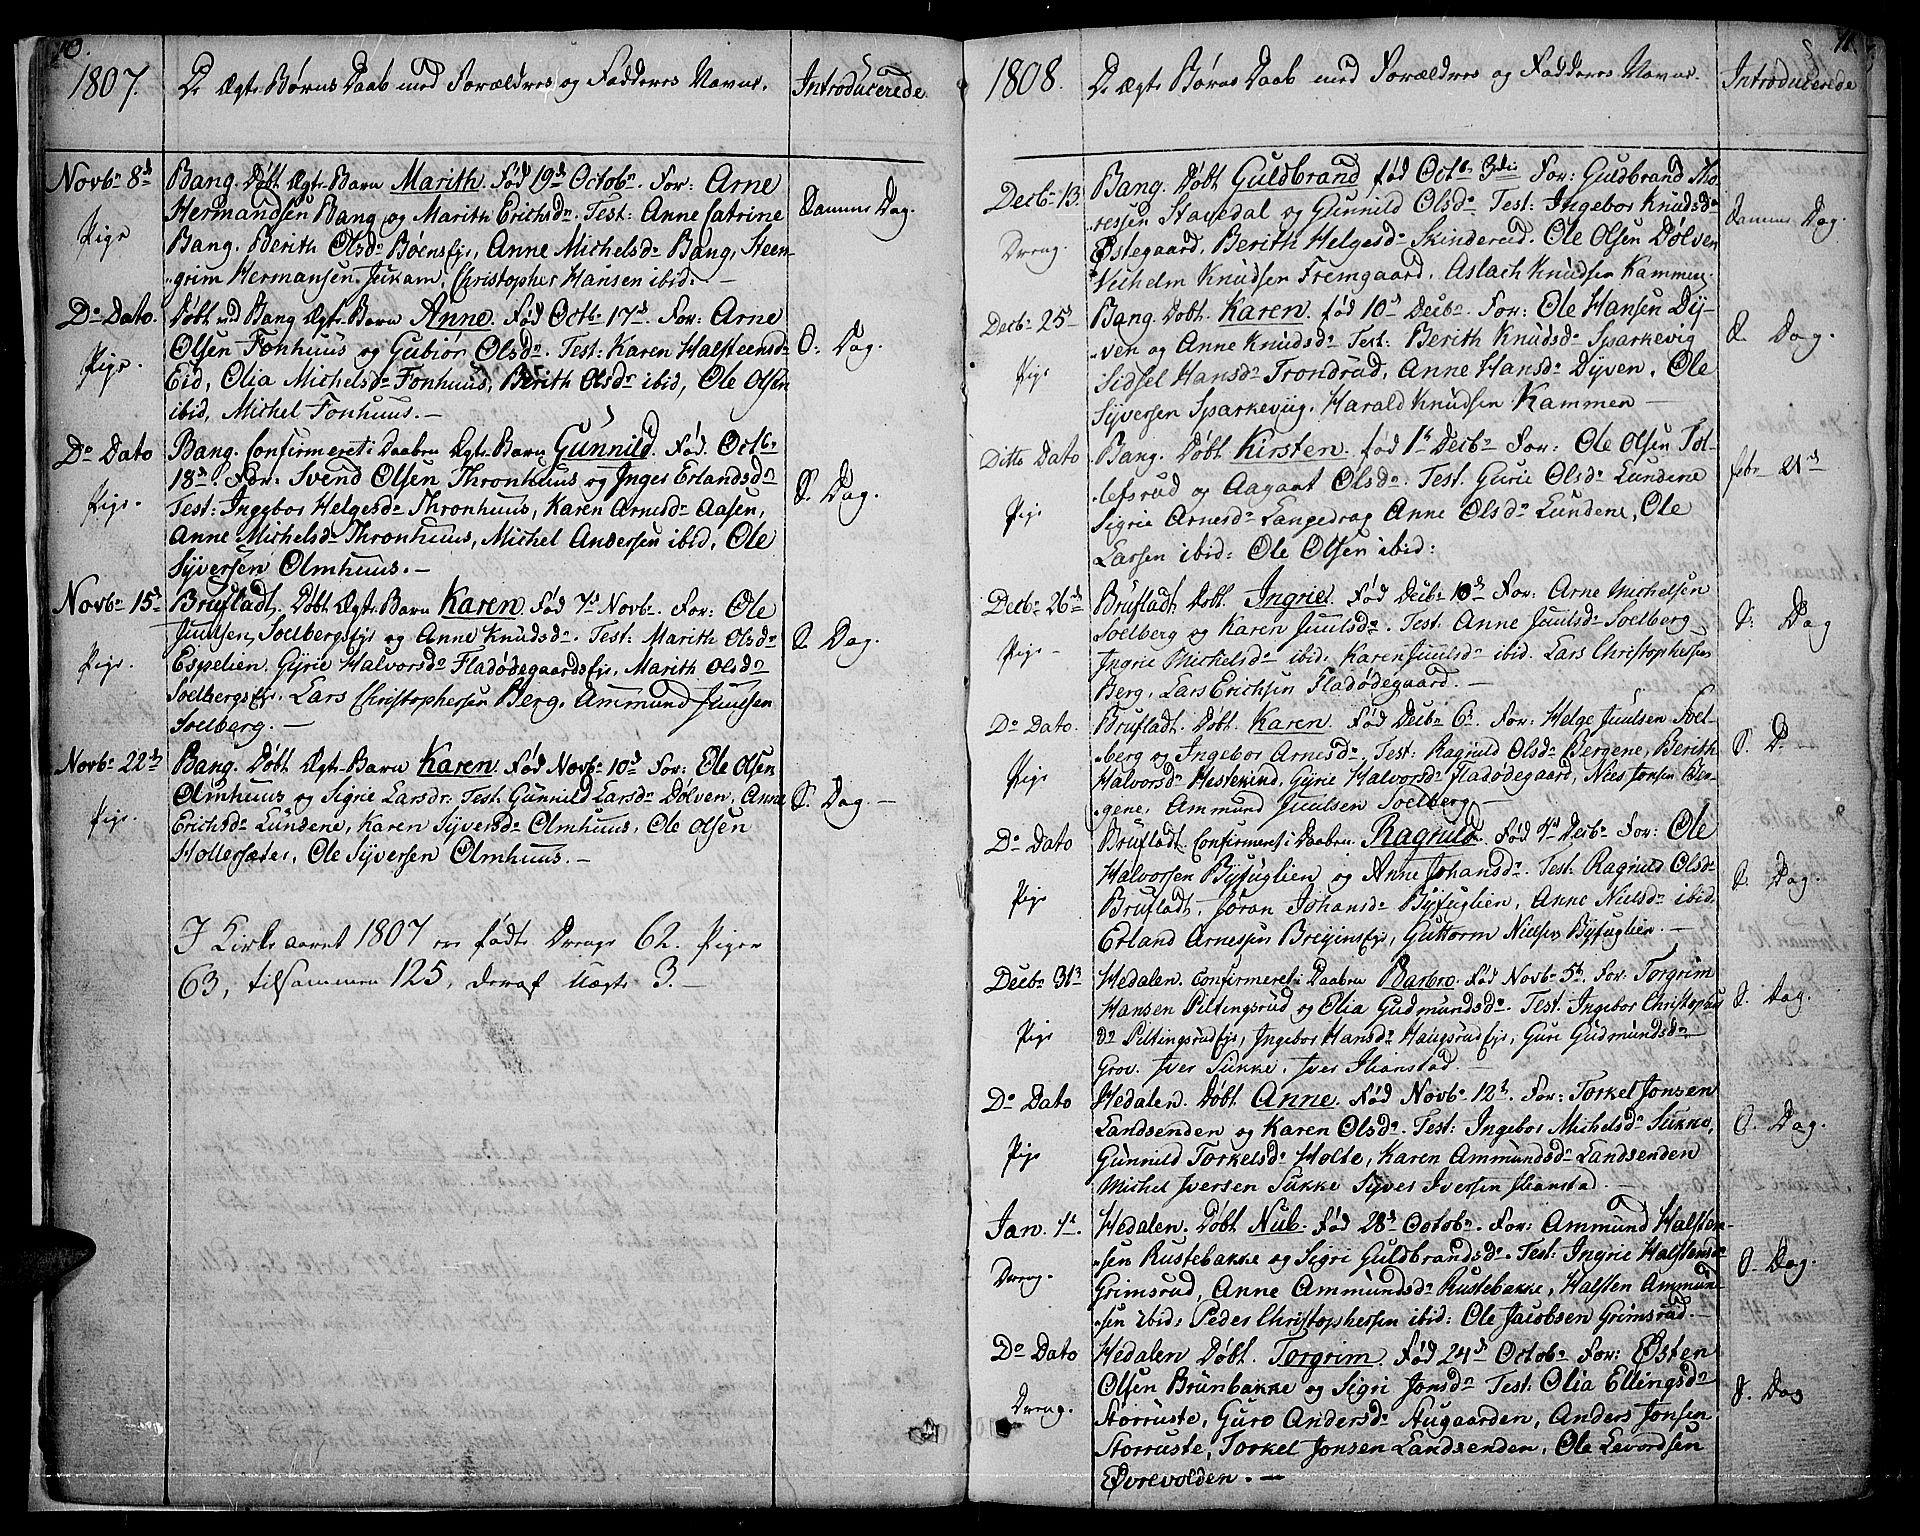 SAH, Sør-Aurdal prestekontor, Ministerialbok nr. 1, 1807-1815, s. 10-11